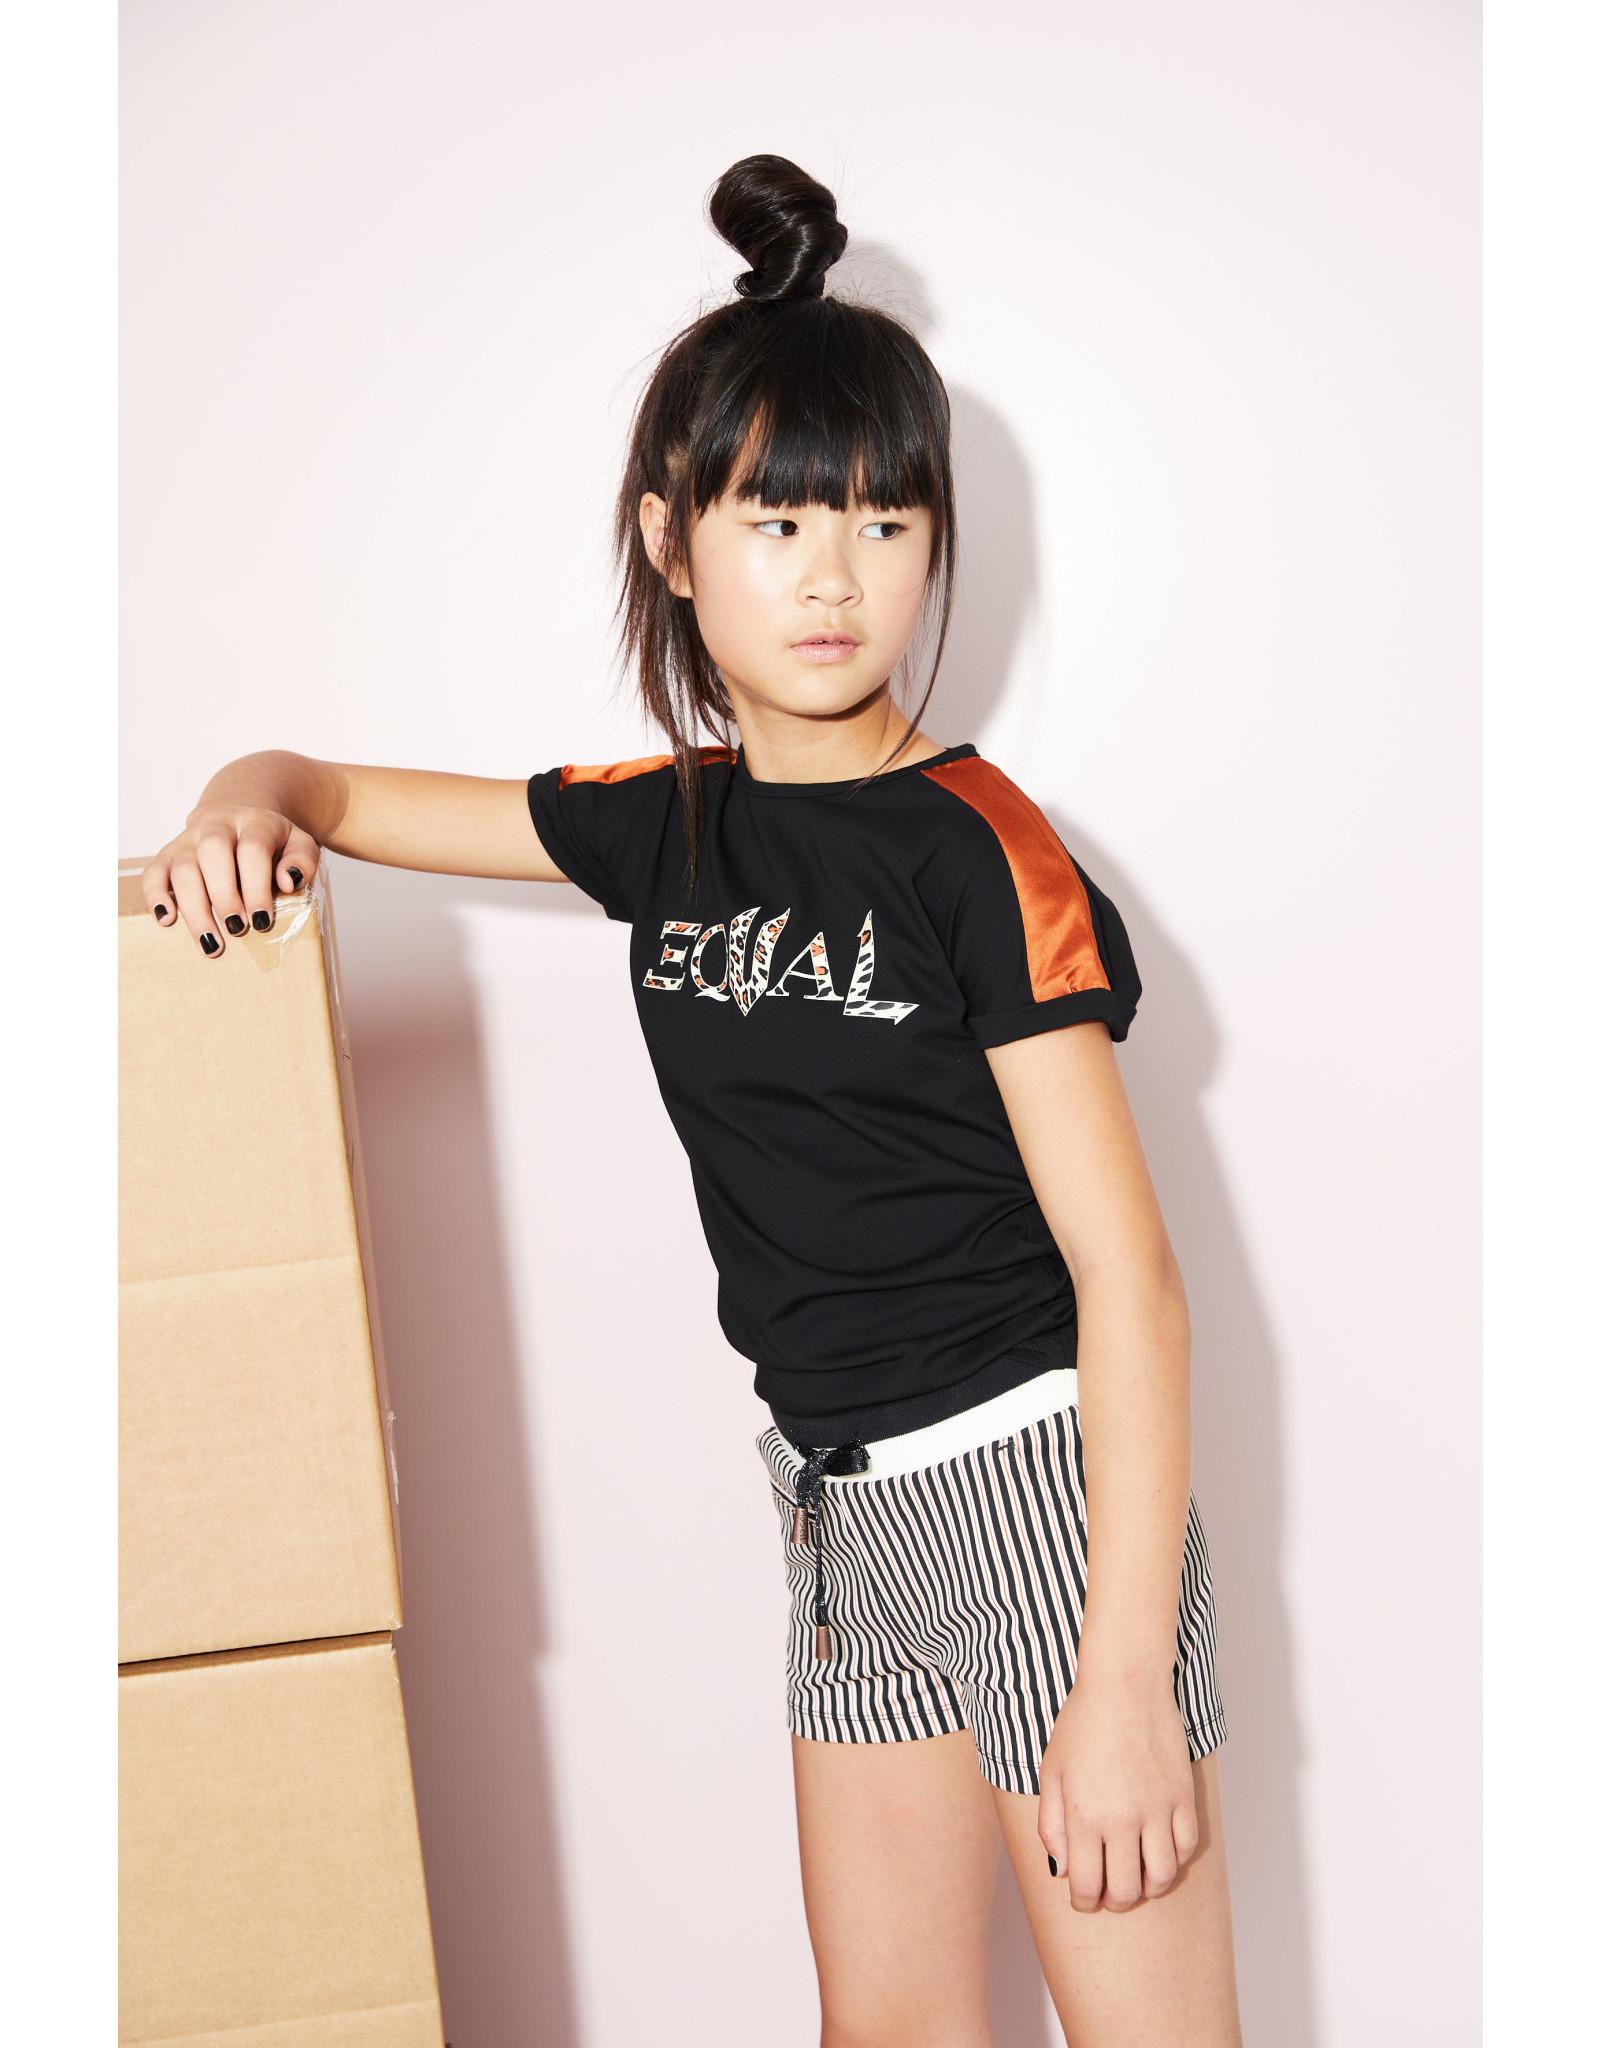 NoBell NoBell meiden t-shirt Kamy Jet Black S21